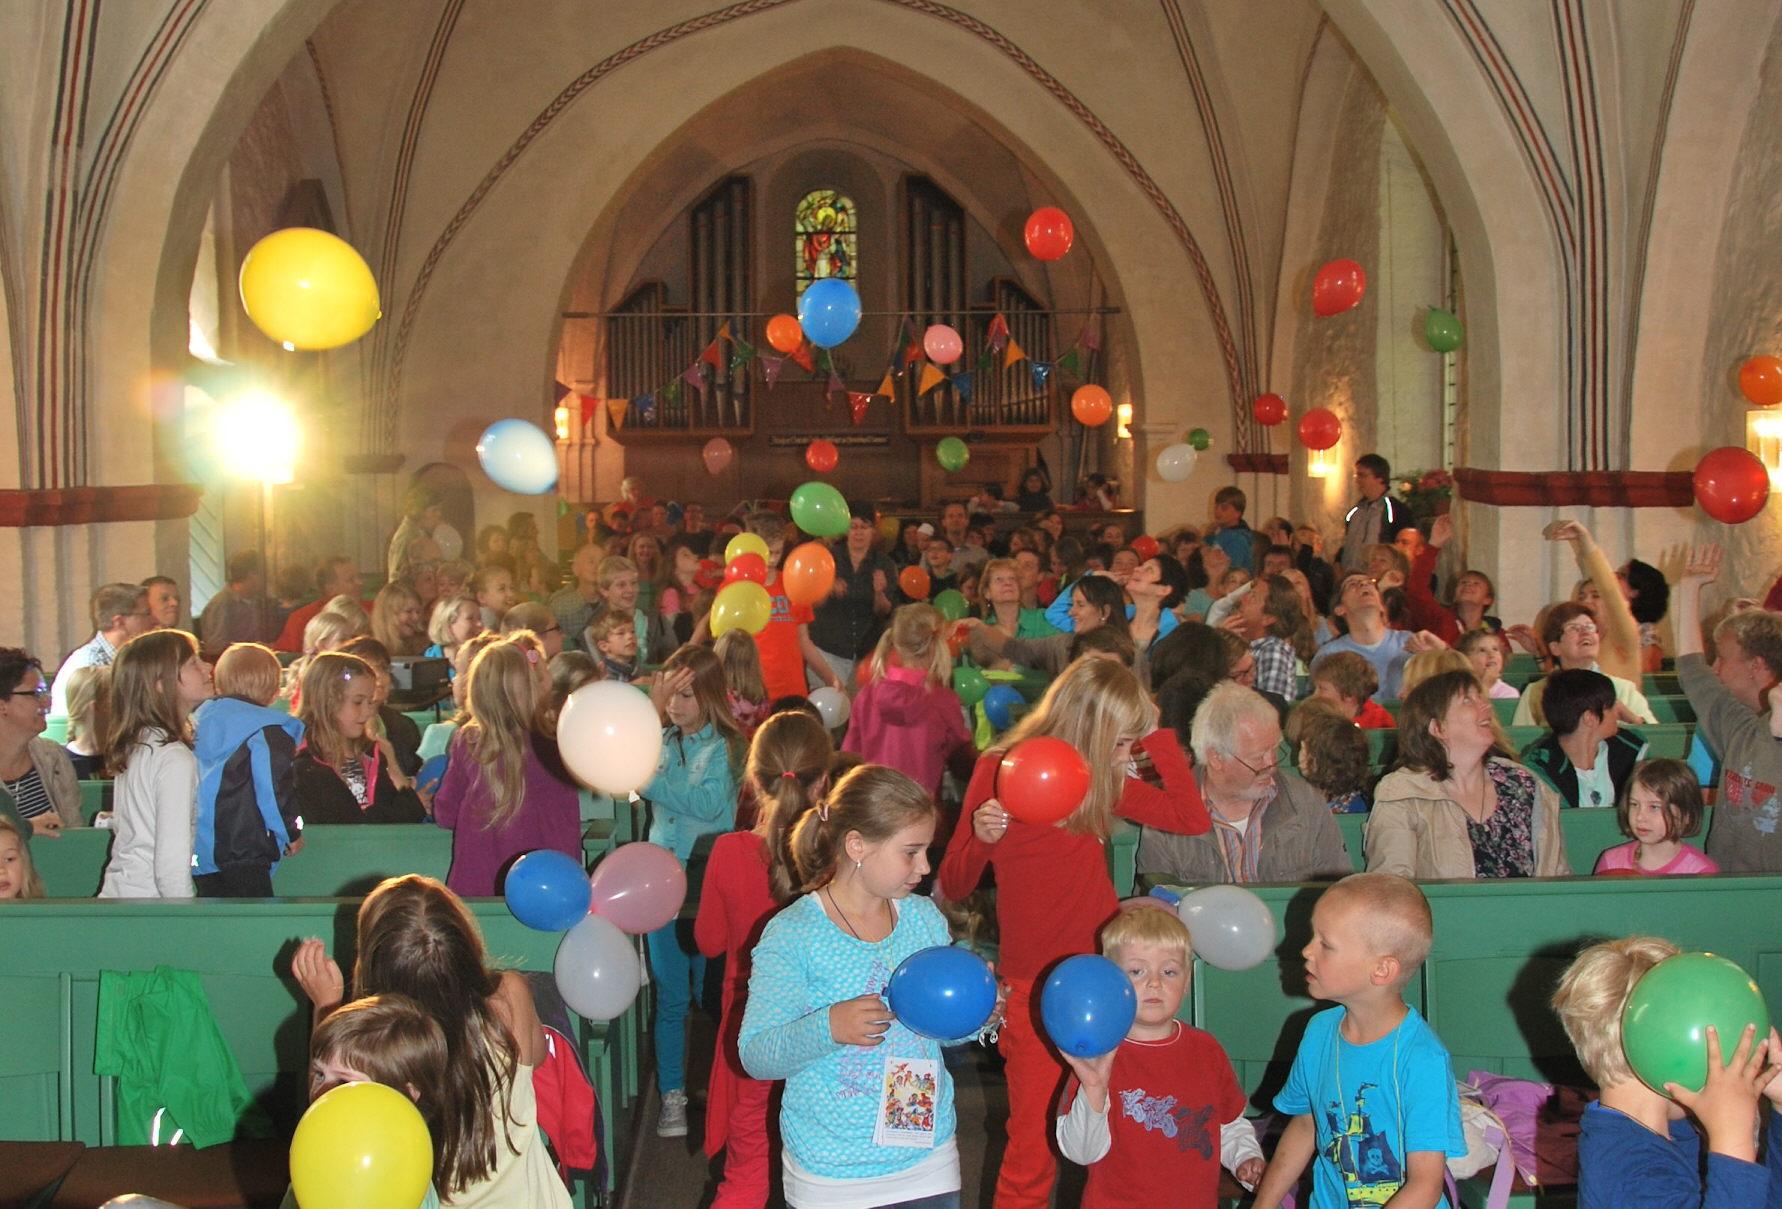 Gottesdienst beim Kinderkirchentag: Die Gemeinde wirft in der vollen Kirche bunte Luftballons in die Luft.